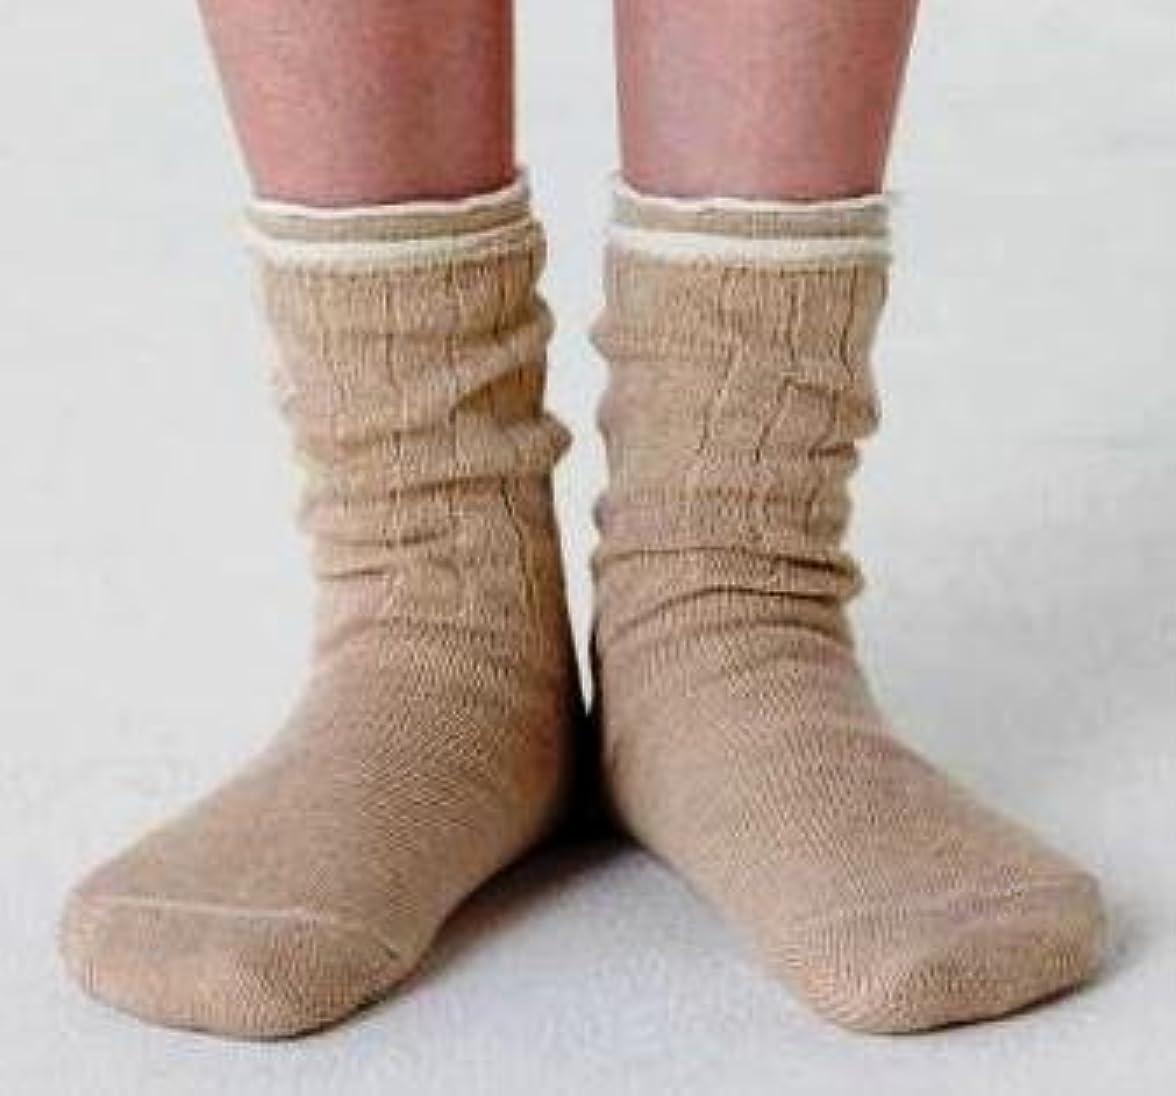 敗北王位彼ら冷え取り靴下 4枚重ね履きソックス(絹?綿?絹?綿) Lサイズ:25~27cm